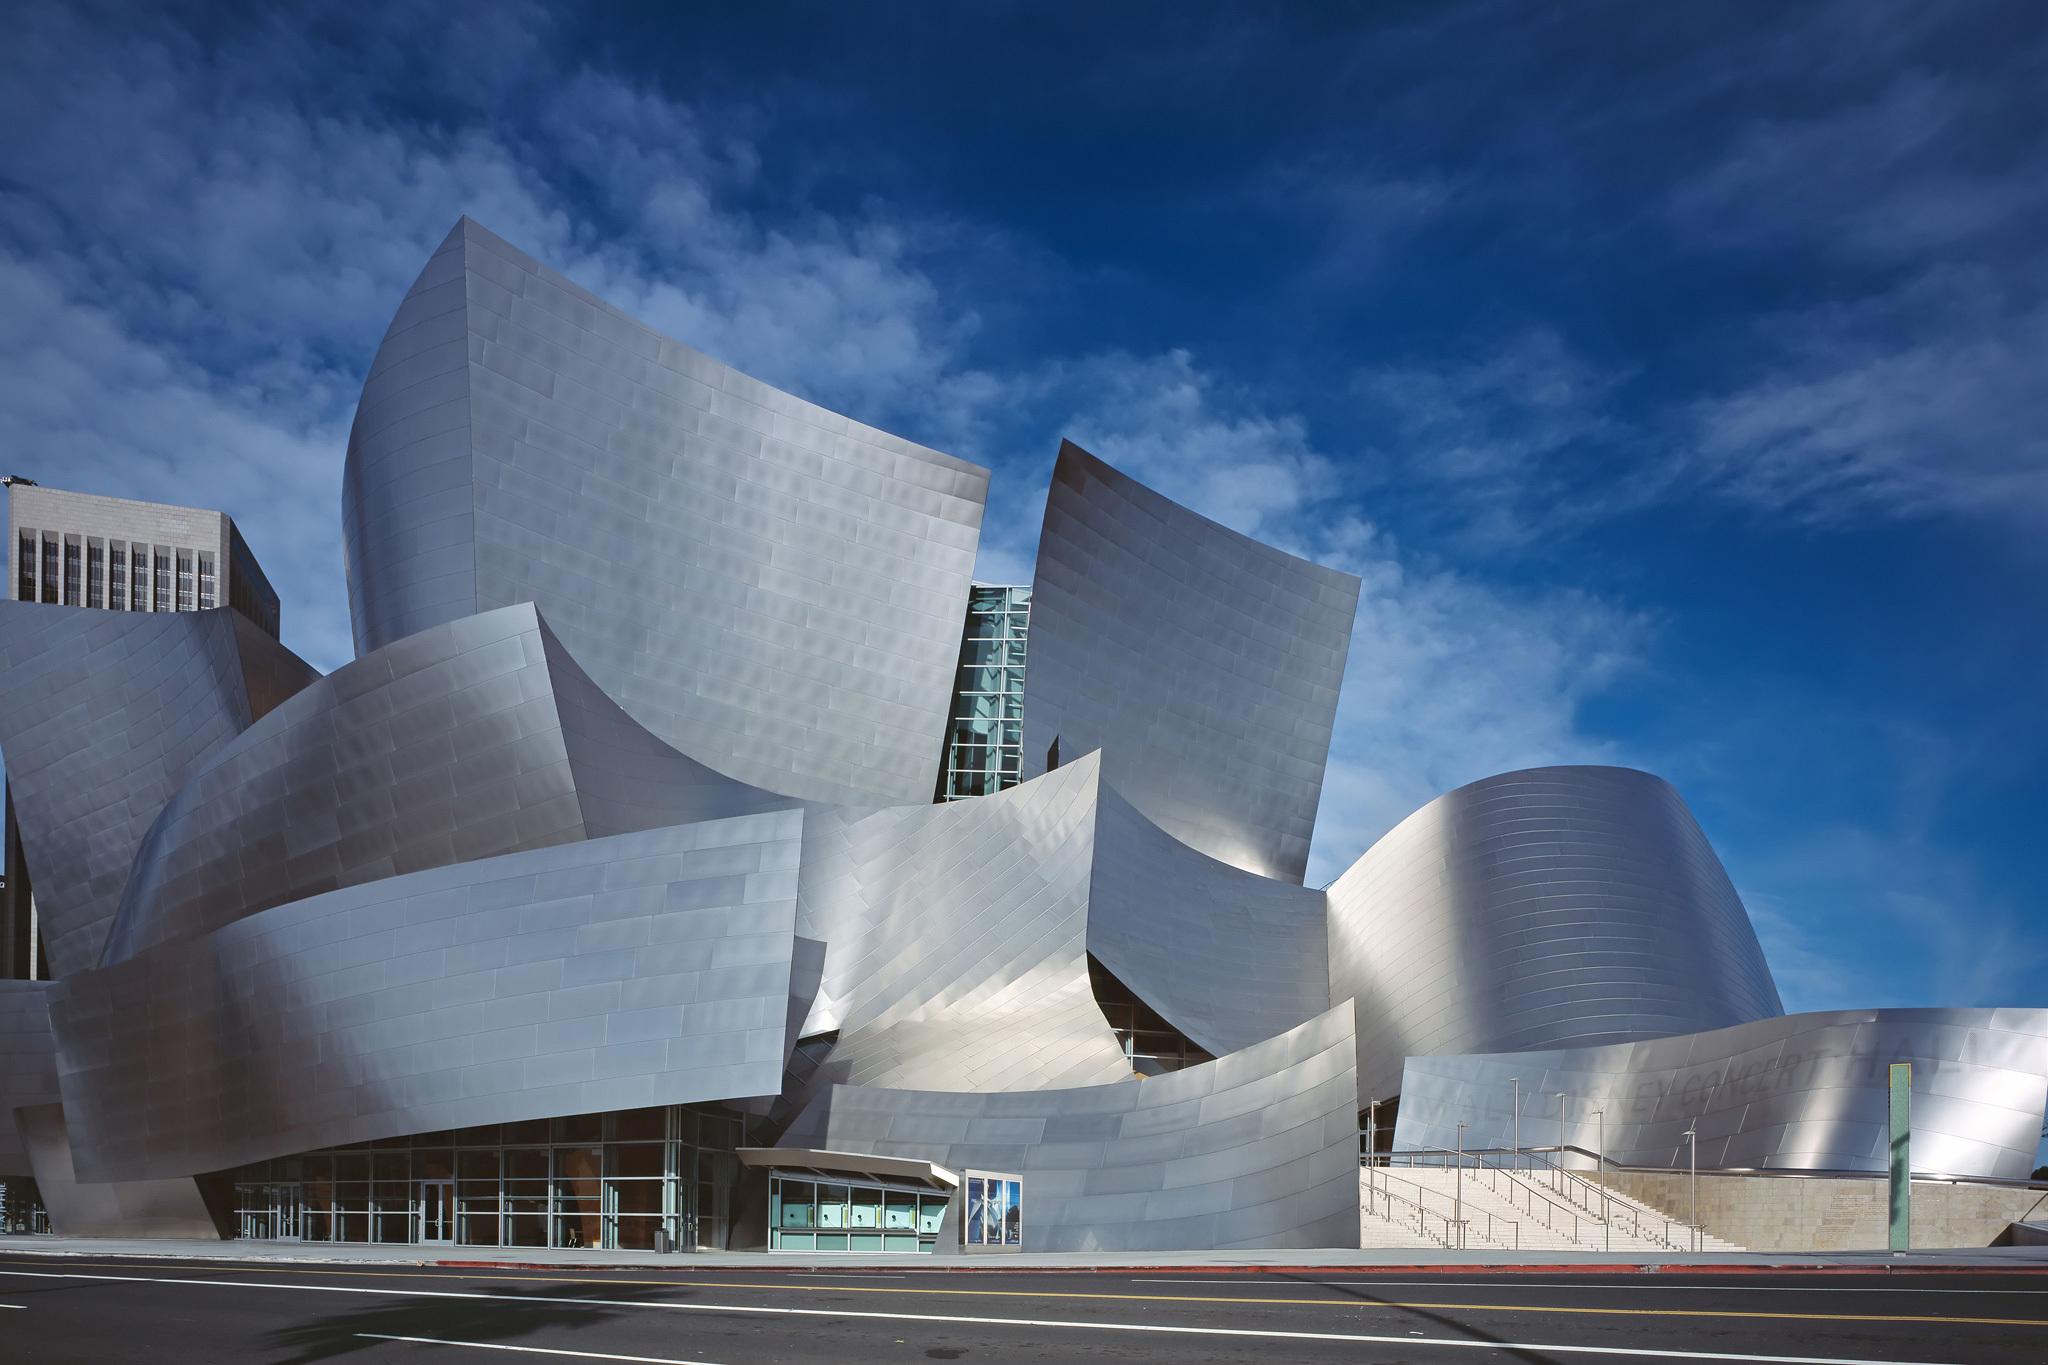 6. Explora el retorcido exterior del auditorio Walt Disney